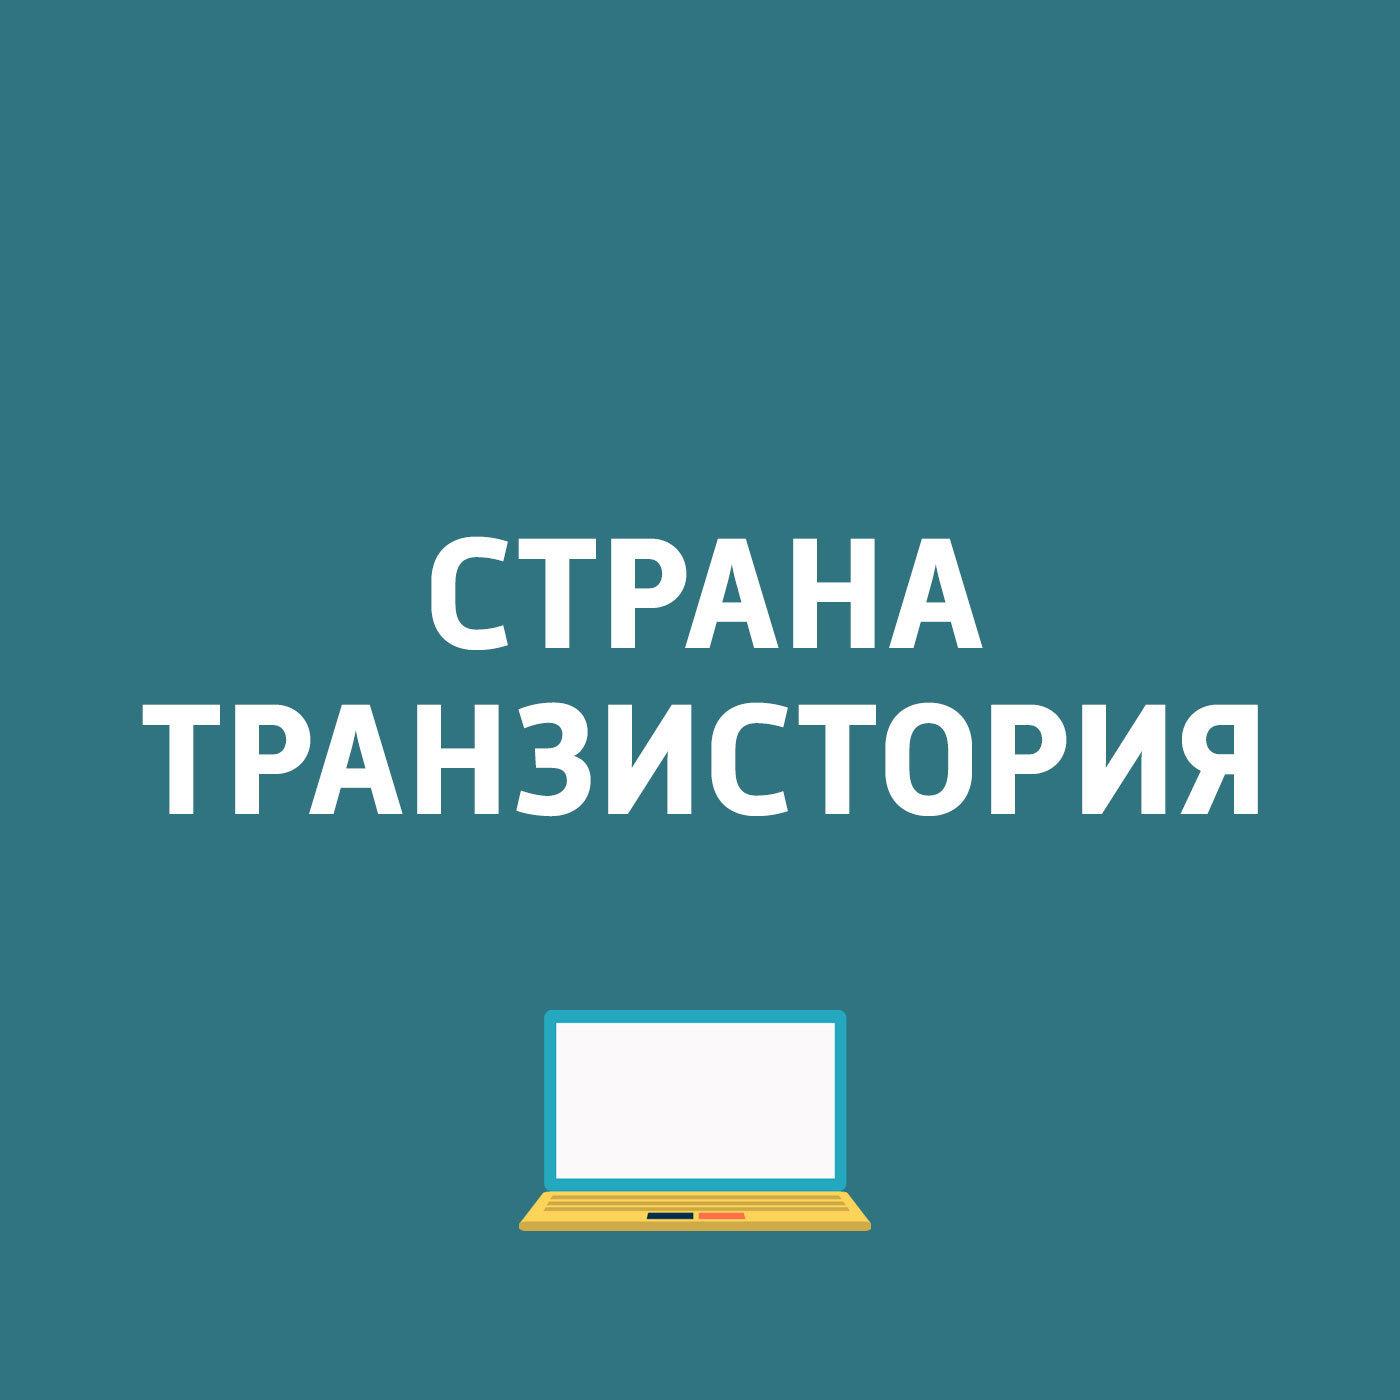 Картаев Павел В России создадут первый крупный суперкомпьютер на отечественном процессоре картаев павел киберспорт в россии приравняли к футболу